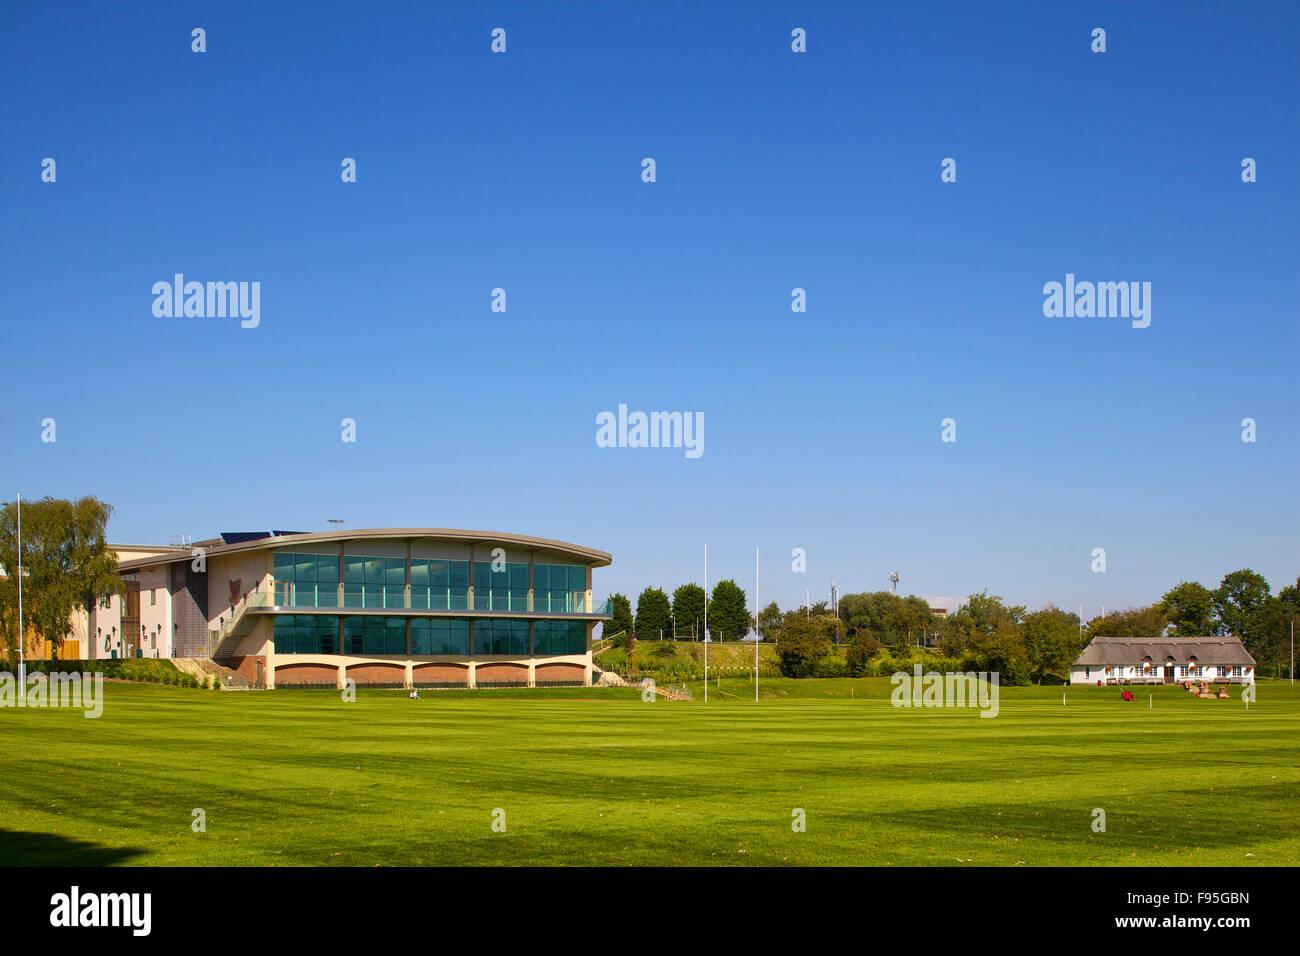 Stamford dotado las escuelas centro deportivo. Vista lejana del centro deportivo y del campo en el Stamford dotadas Imagen De Stock